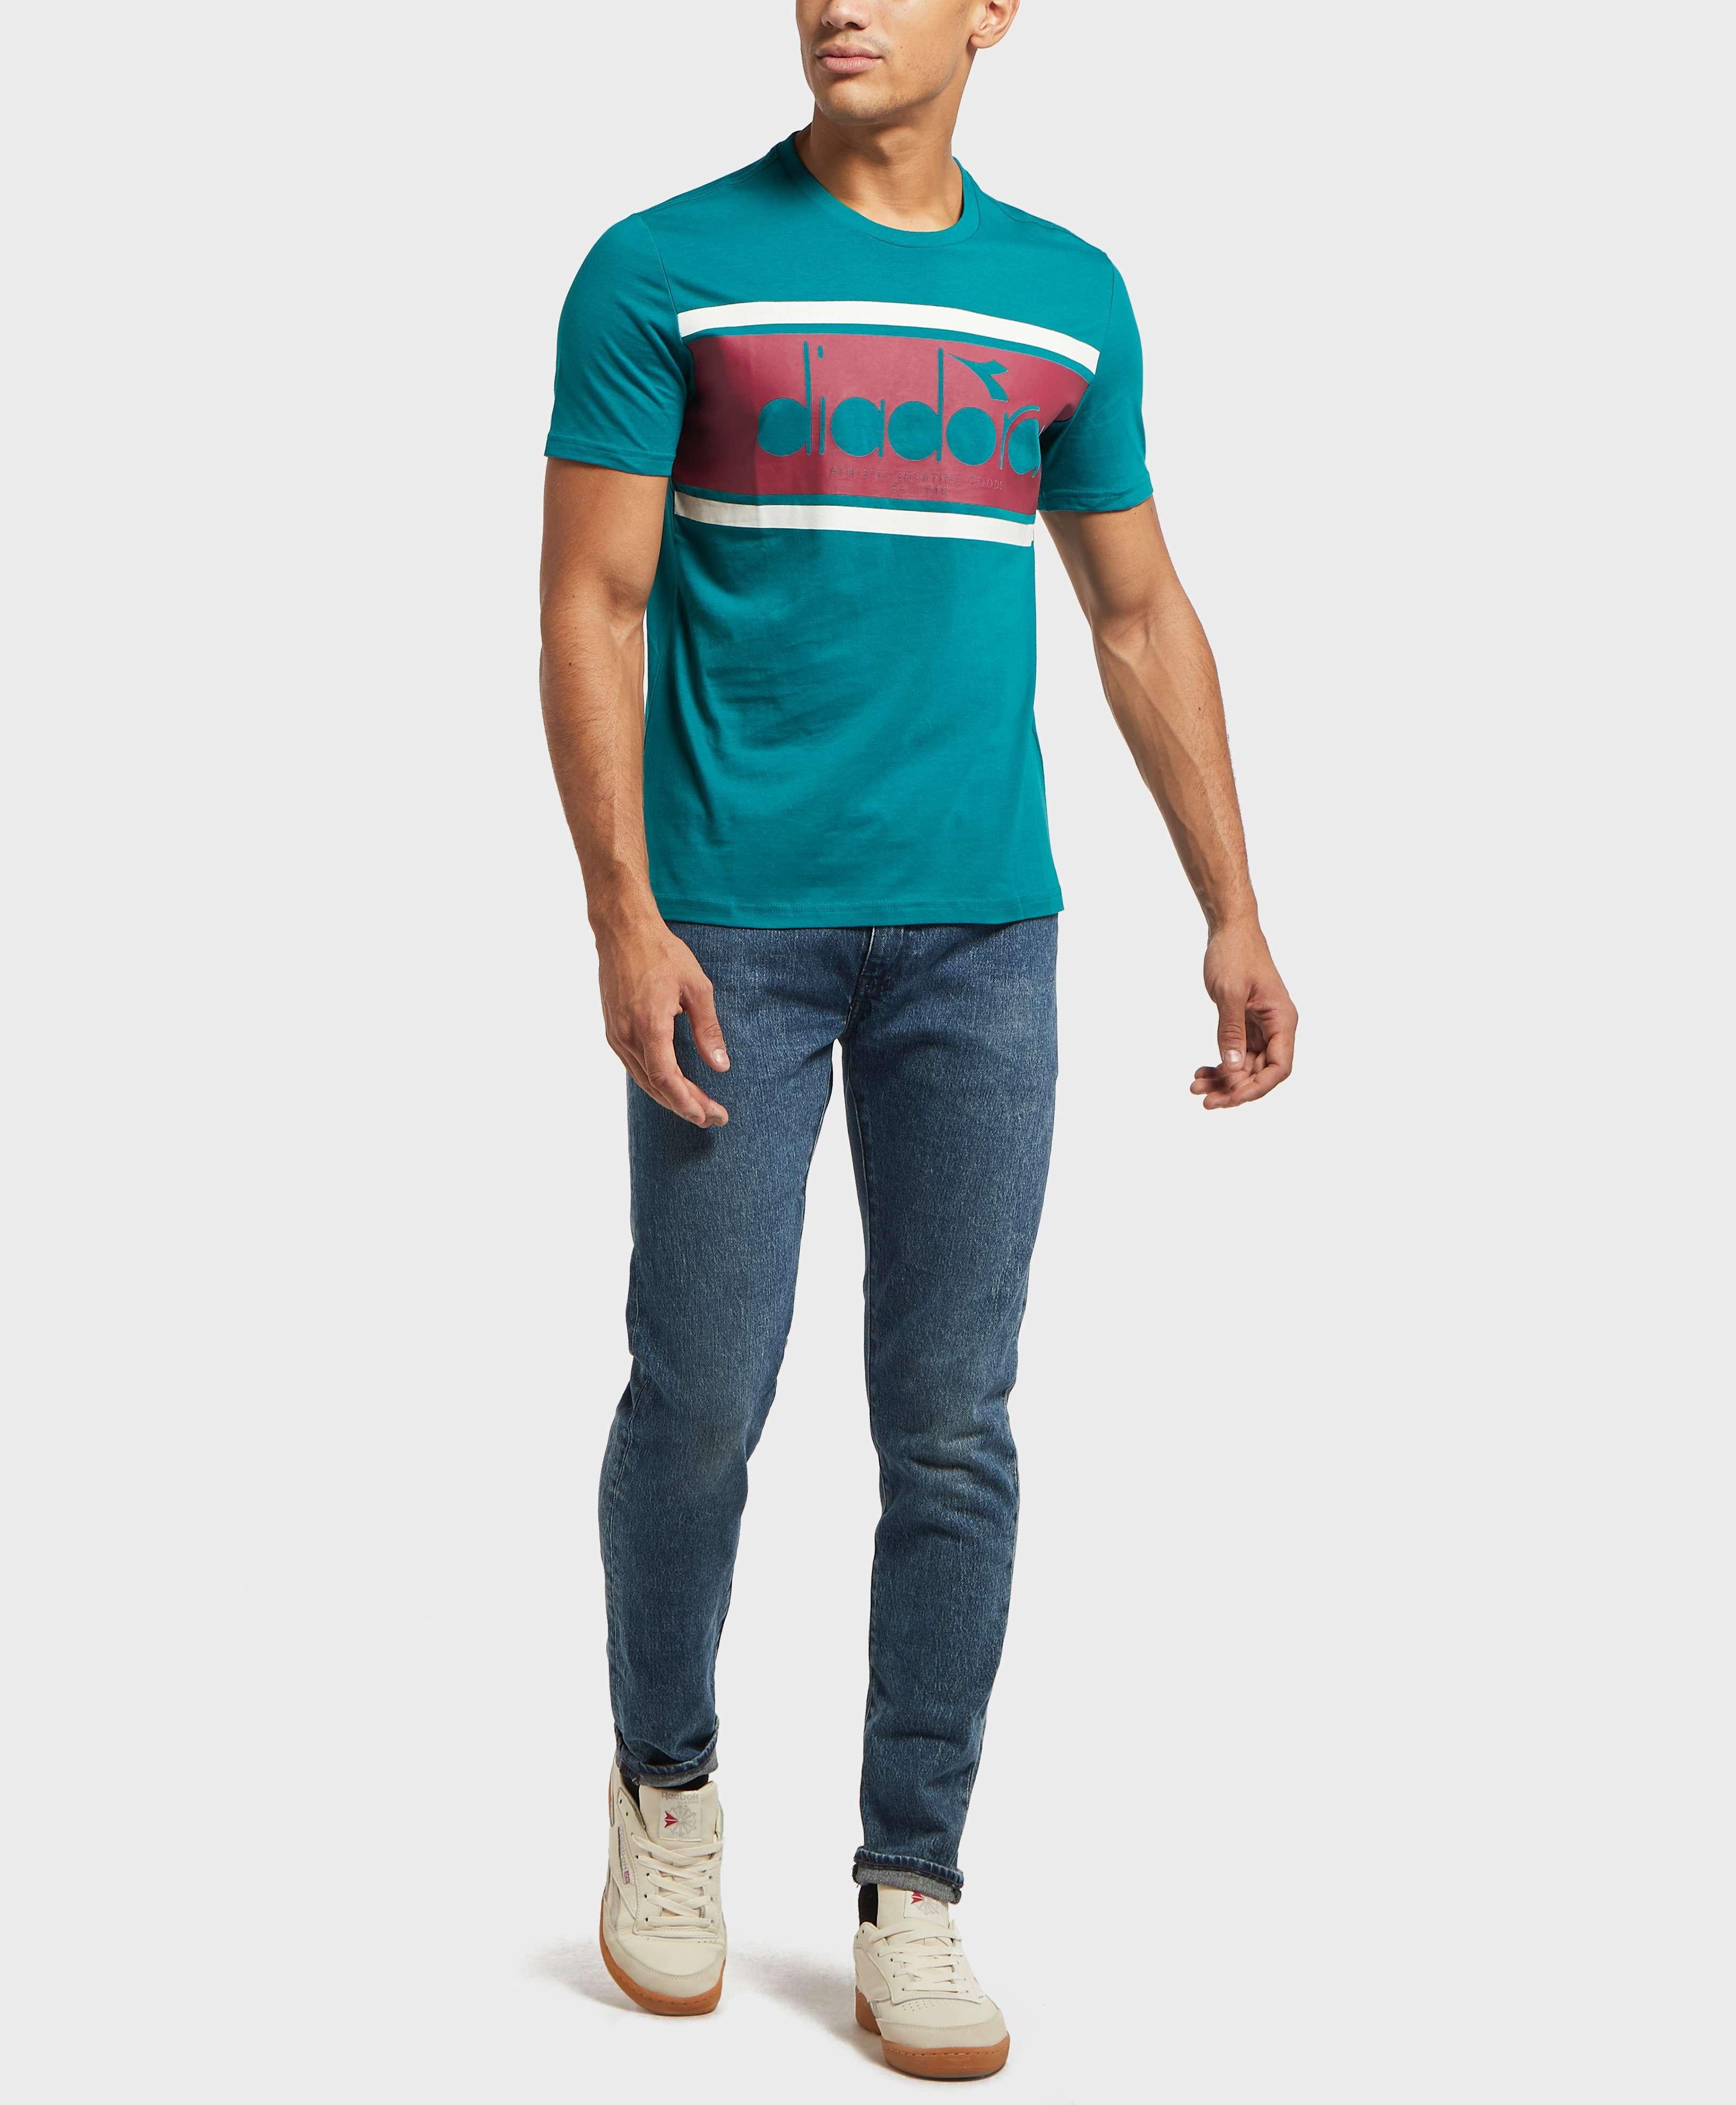 Diadora Spectra Short Sleeve T-Shirt